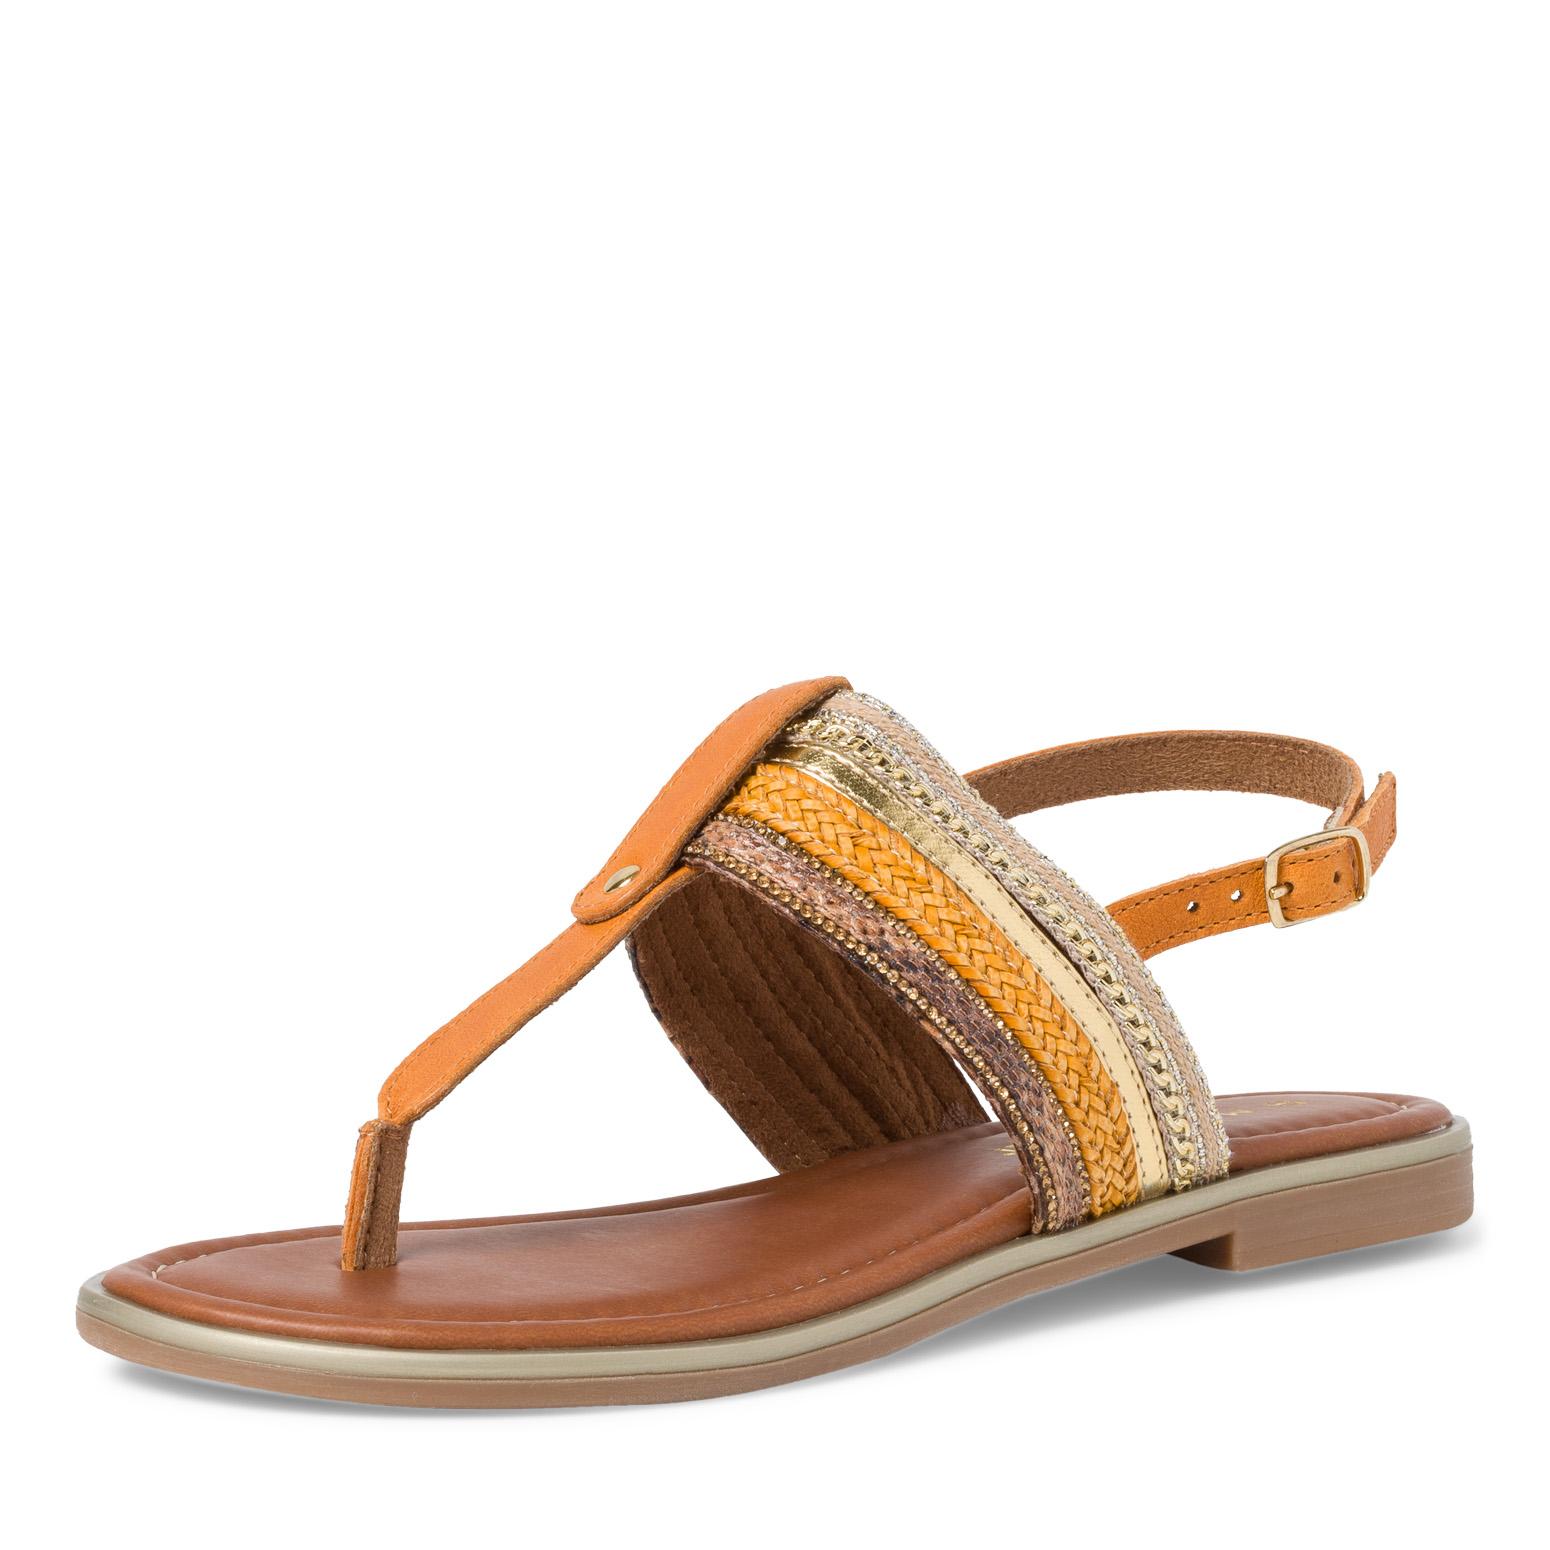 Sandale entre-doigts Marco Tozzi 28143 621